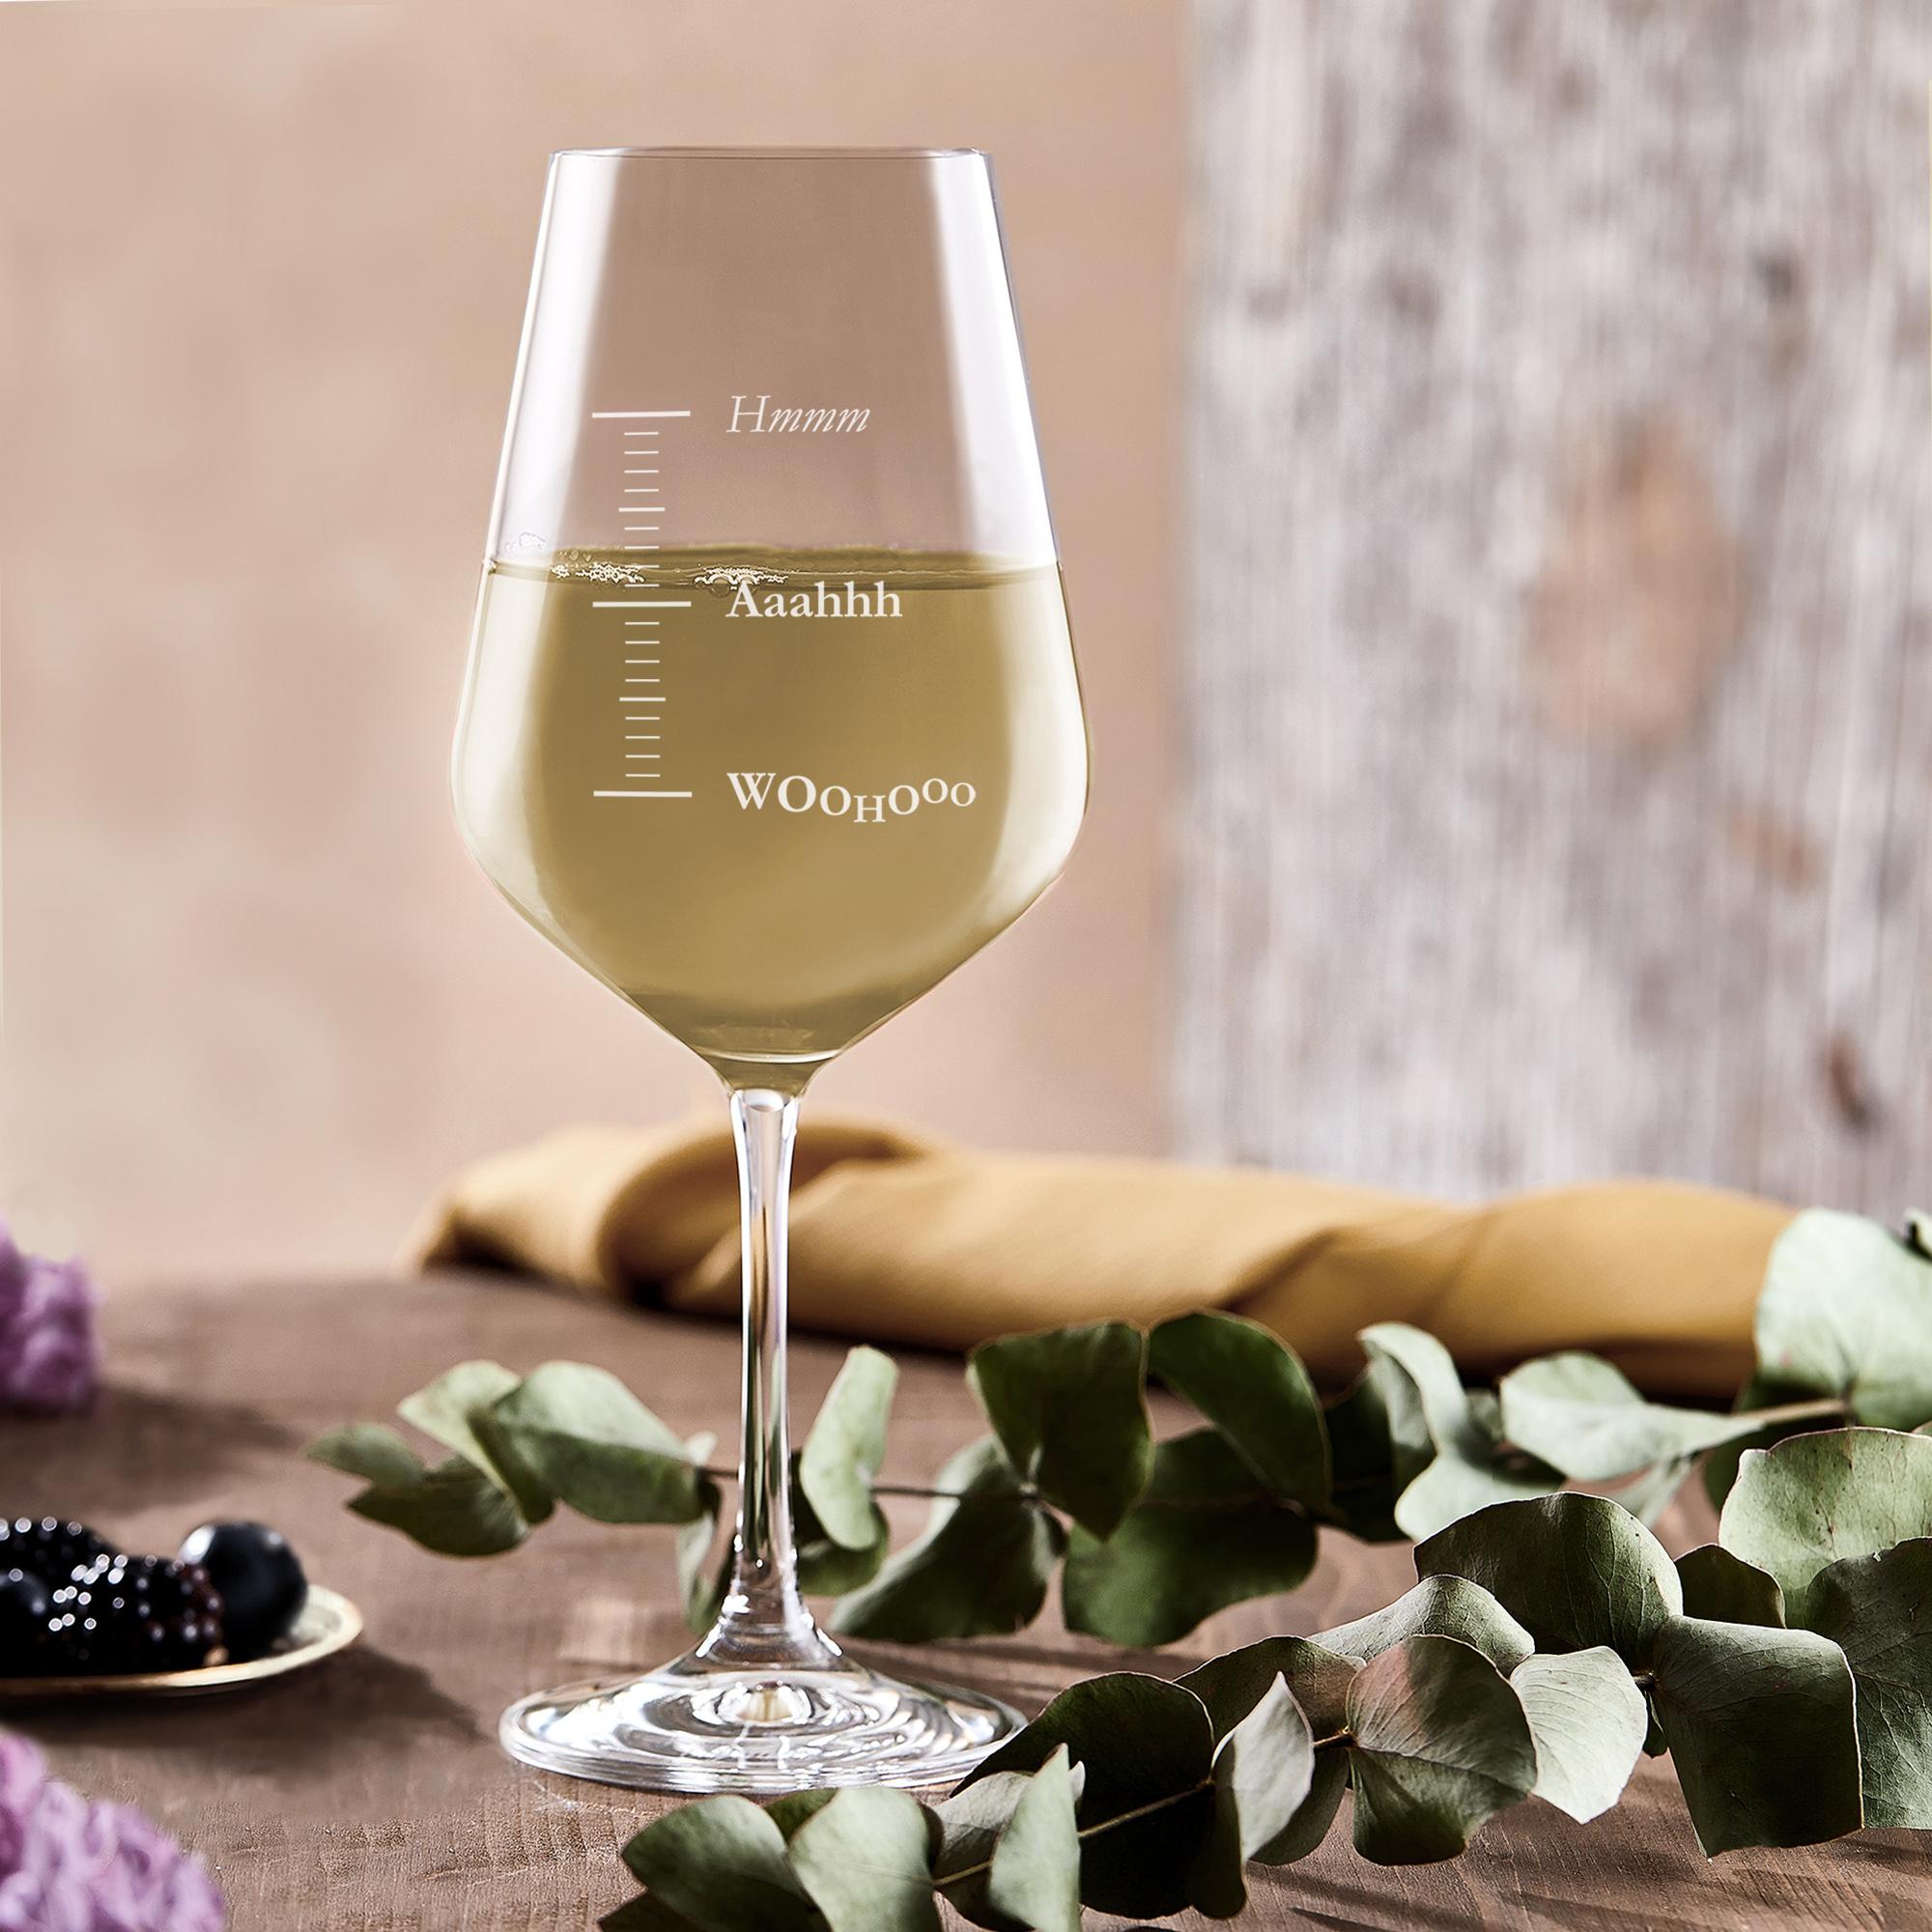 Weißweinglas mit Gravur - Woohooo - 4